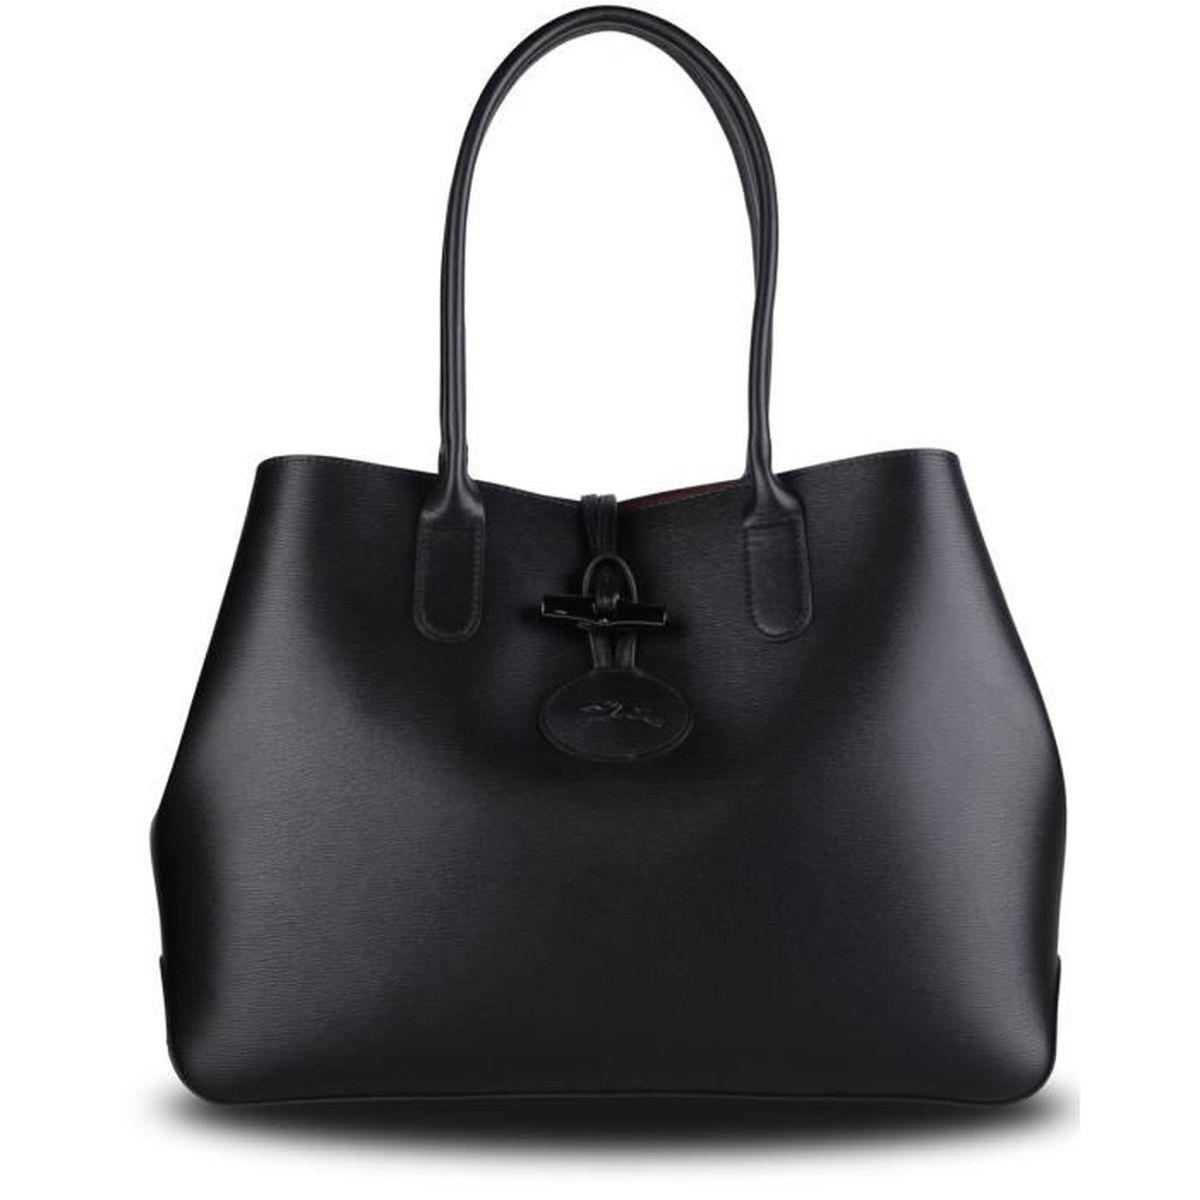 LONGCHAMP - sac femme porté épaule en cuir - NOIR ROSEAU - Achat ...